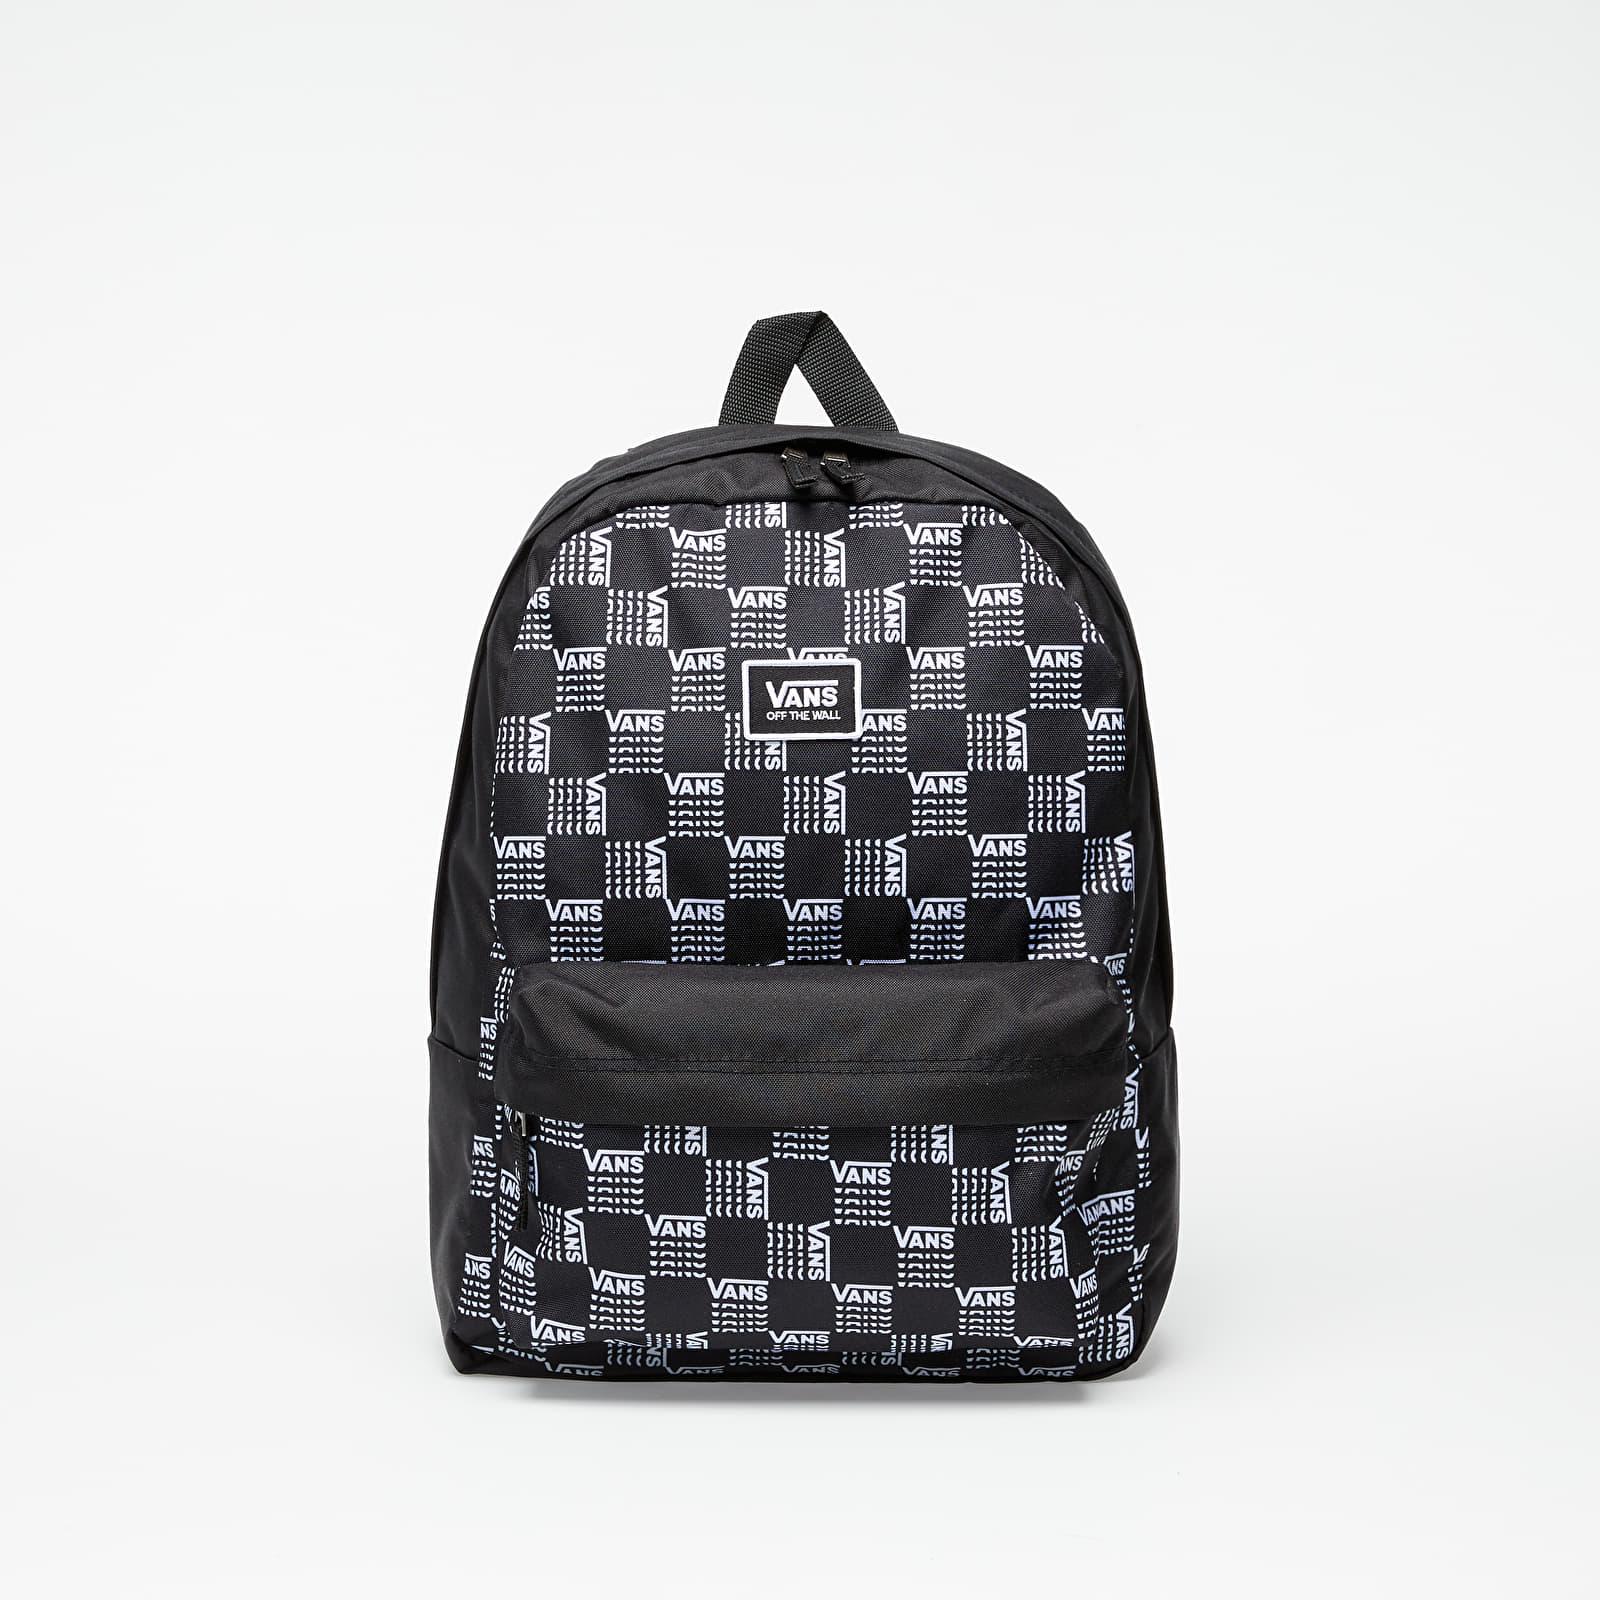 Hátizsákok Vans Realm Classic Backpack Word Check